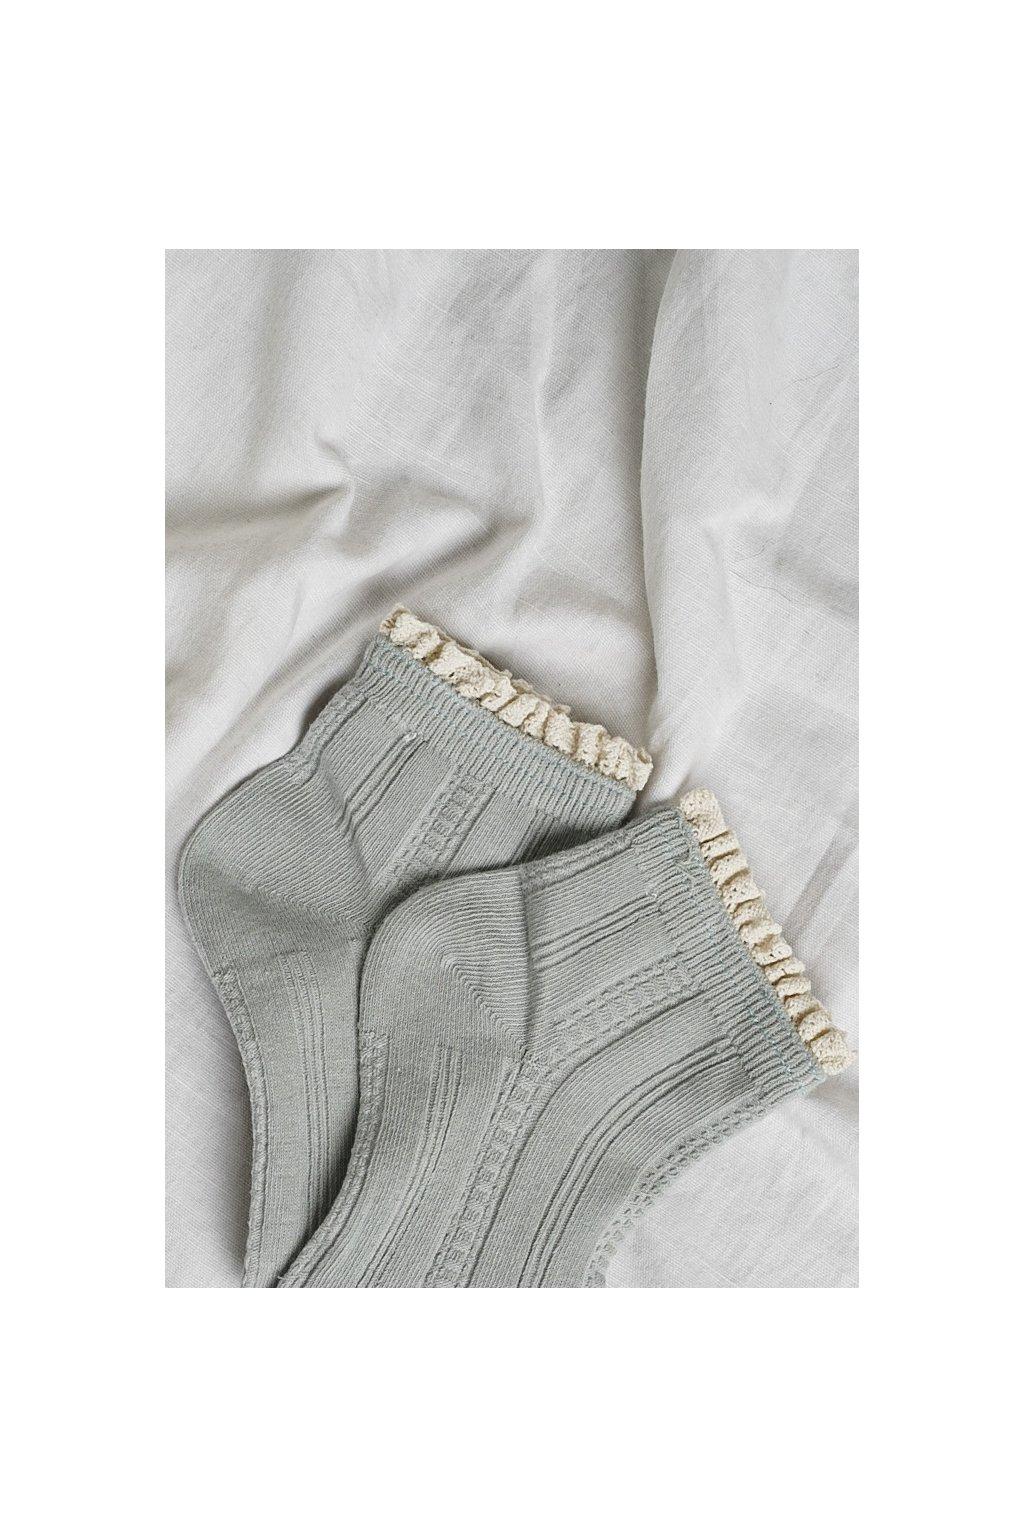 Ponožky modré 1pár